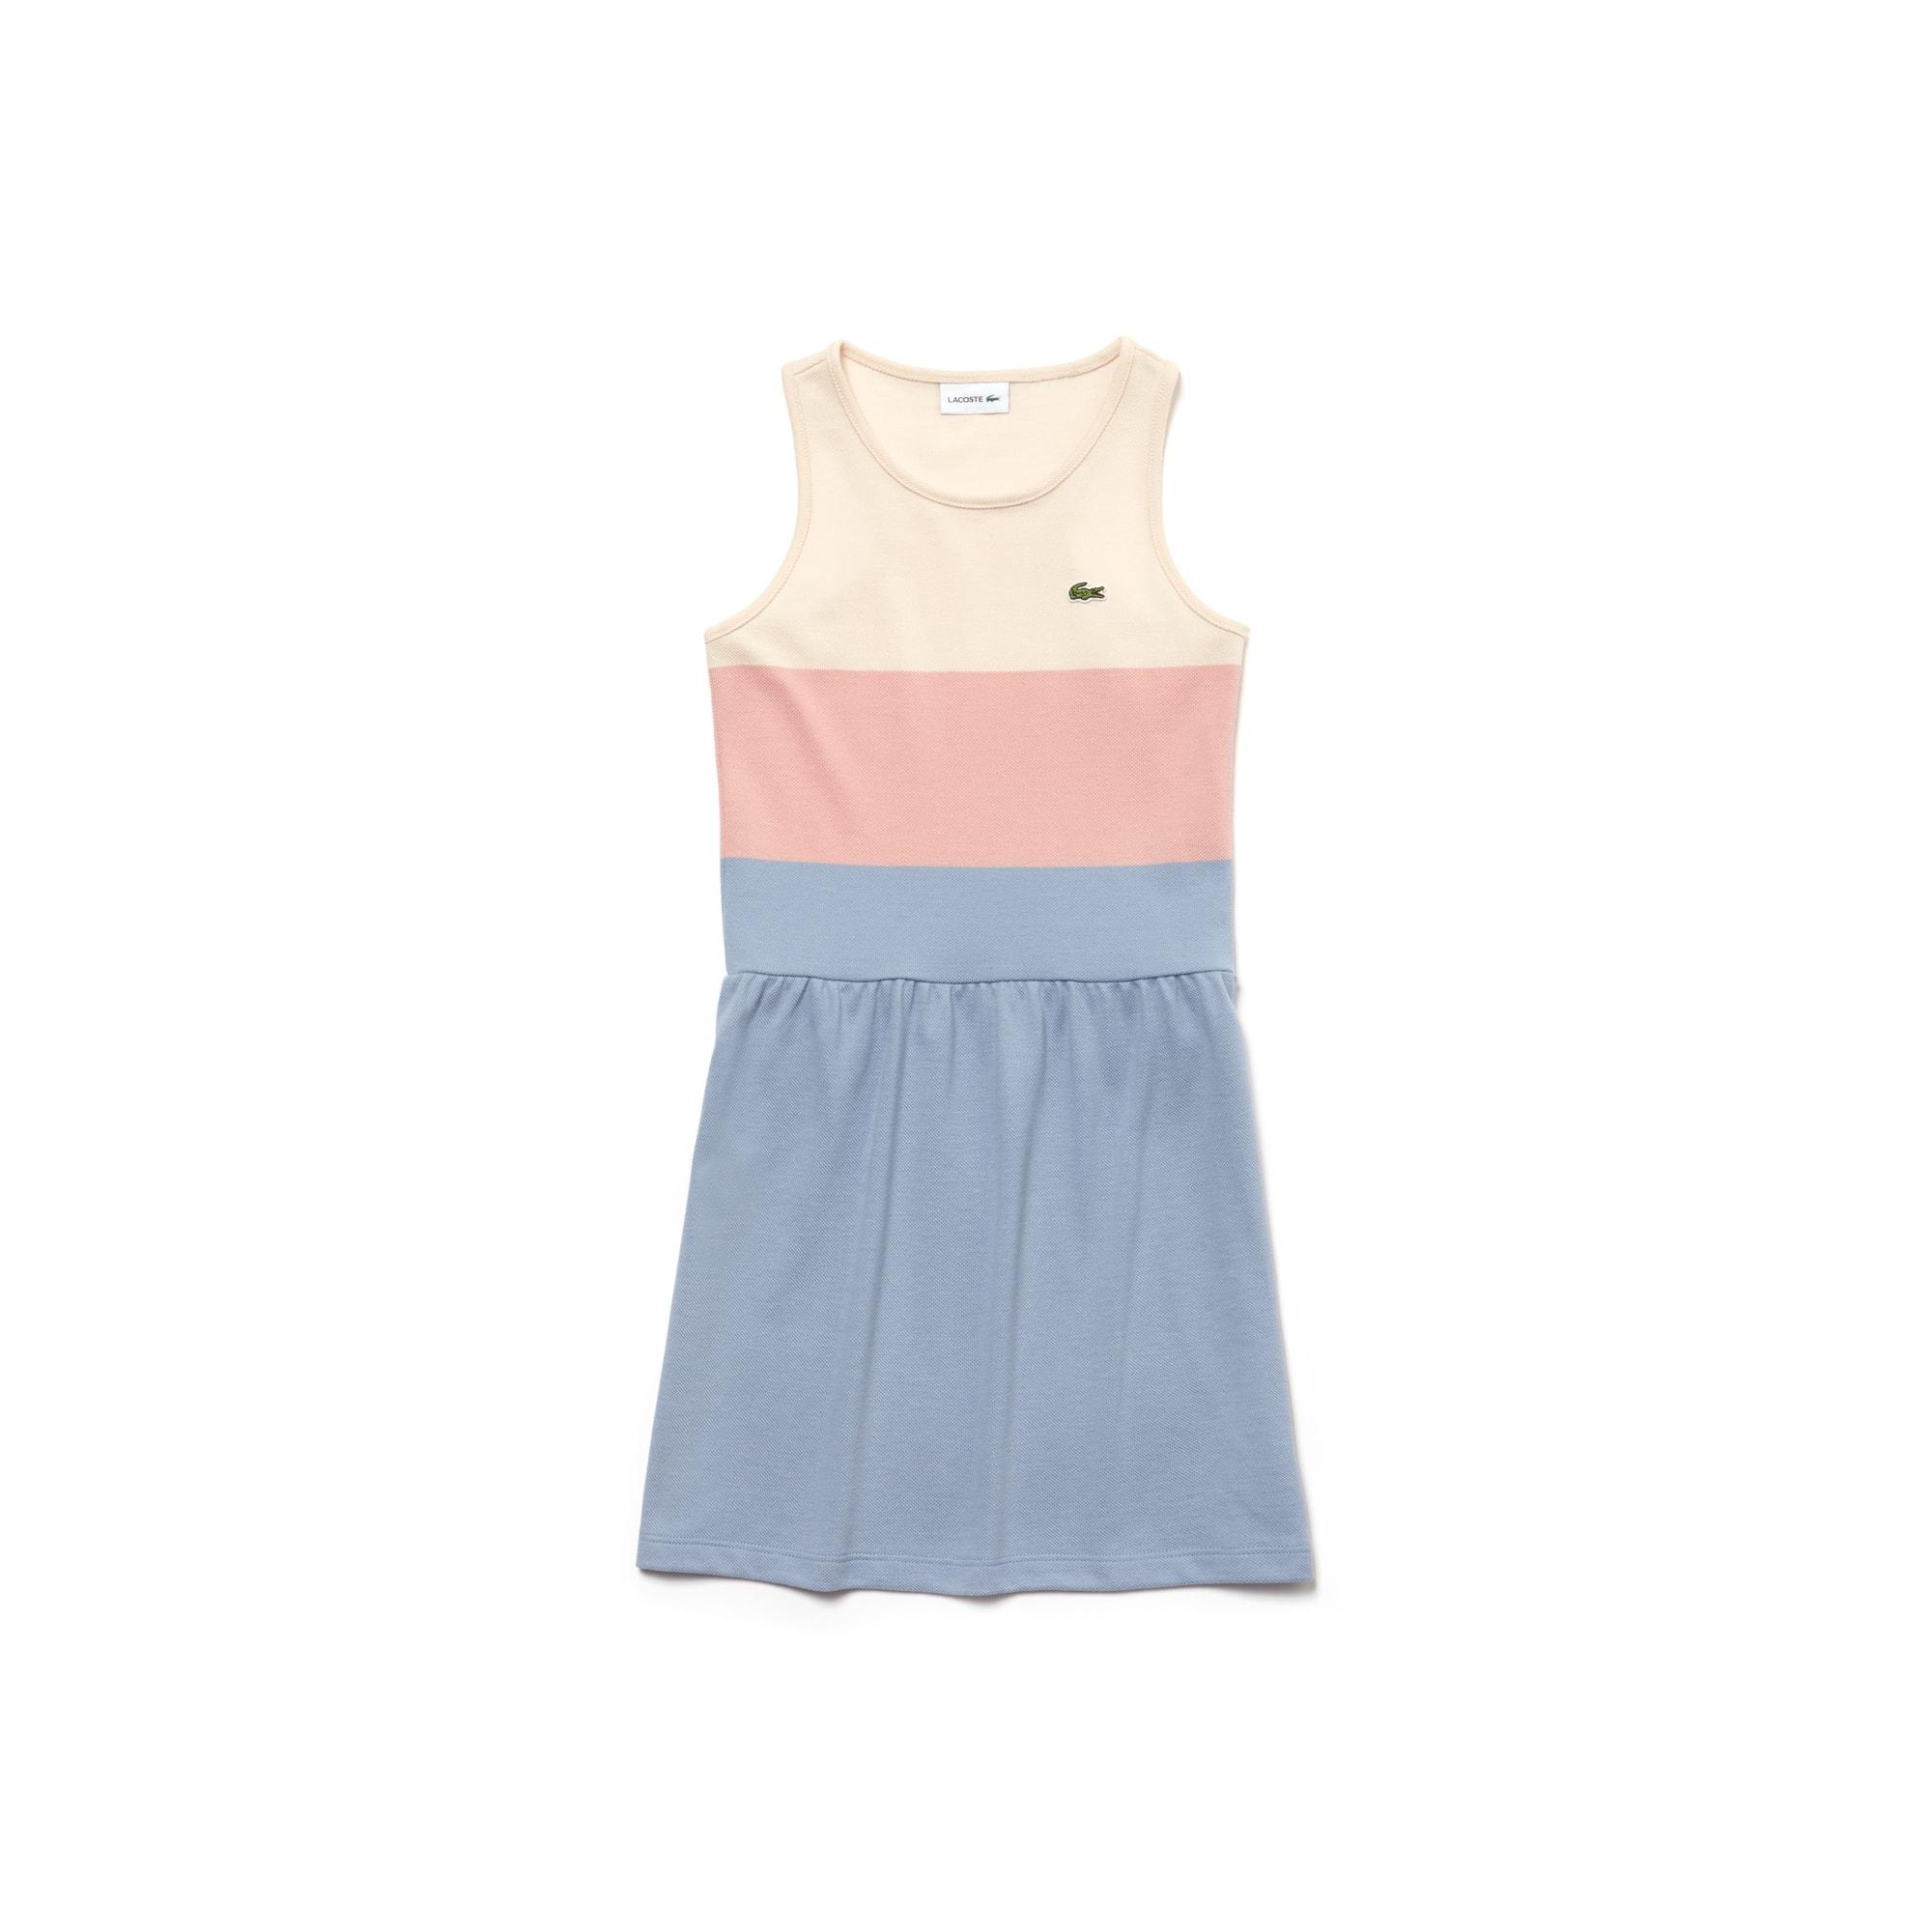 فستان للفتيات مصمم في ألوان متصادمة وبخامة قطن بيكيه